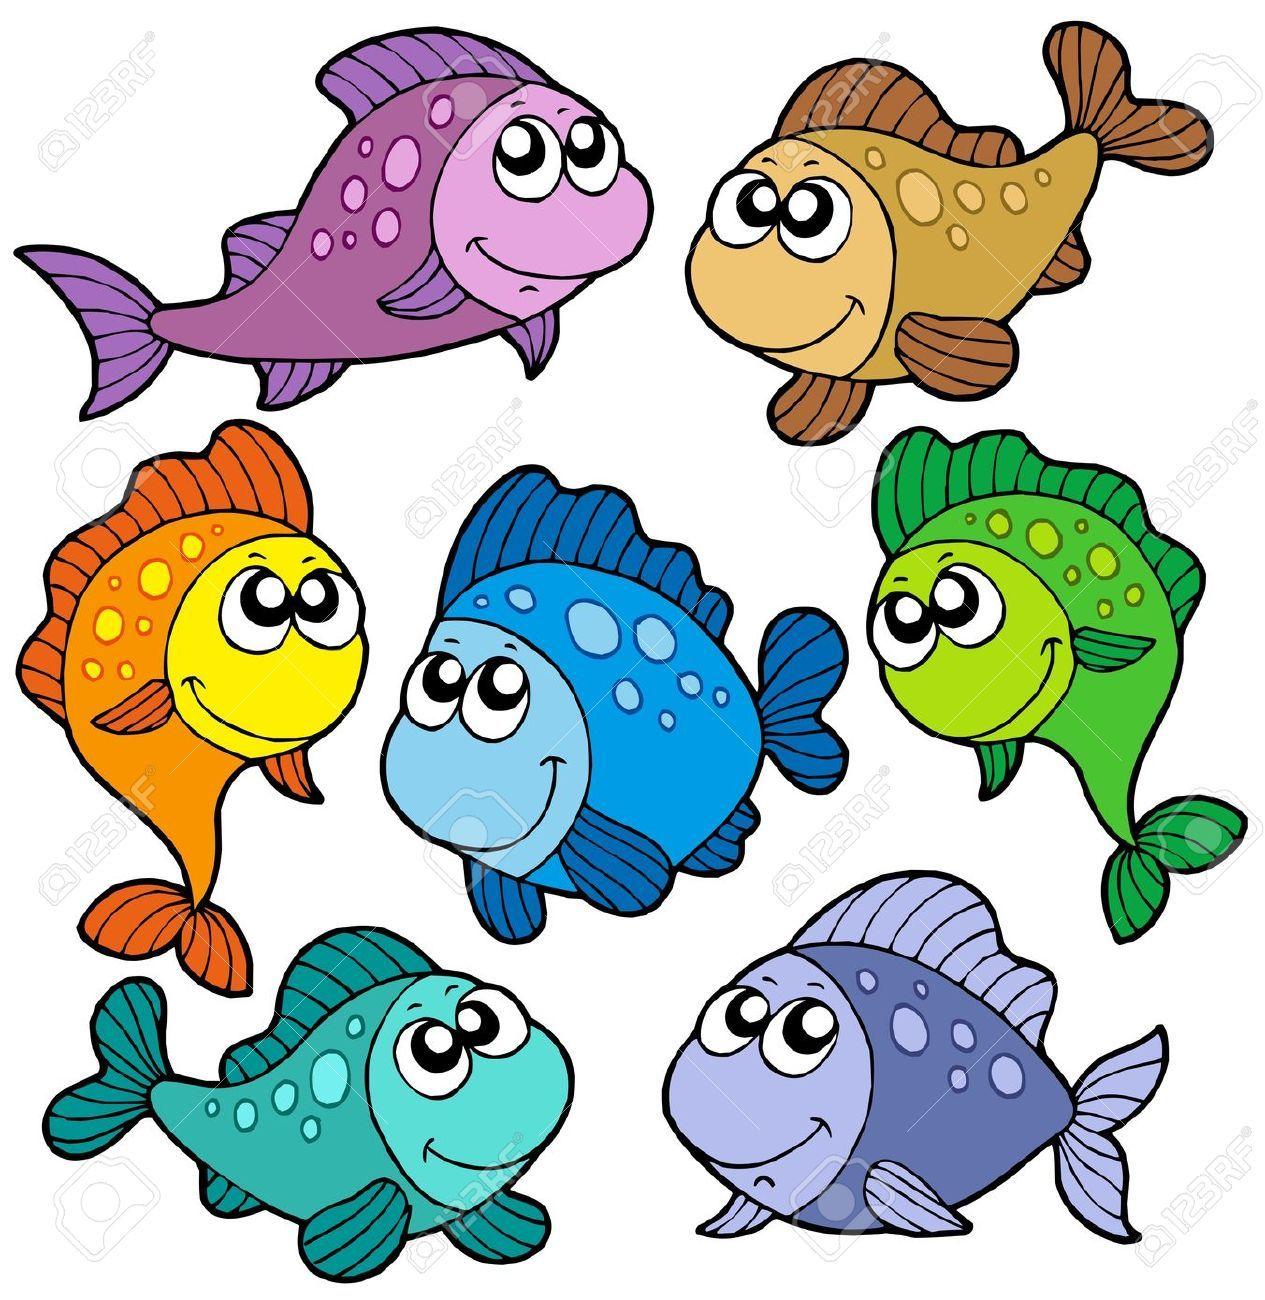 dibujos animados de peces y animales marinos.